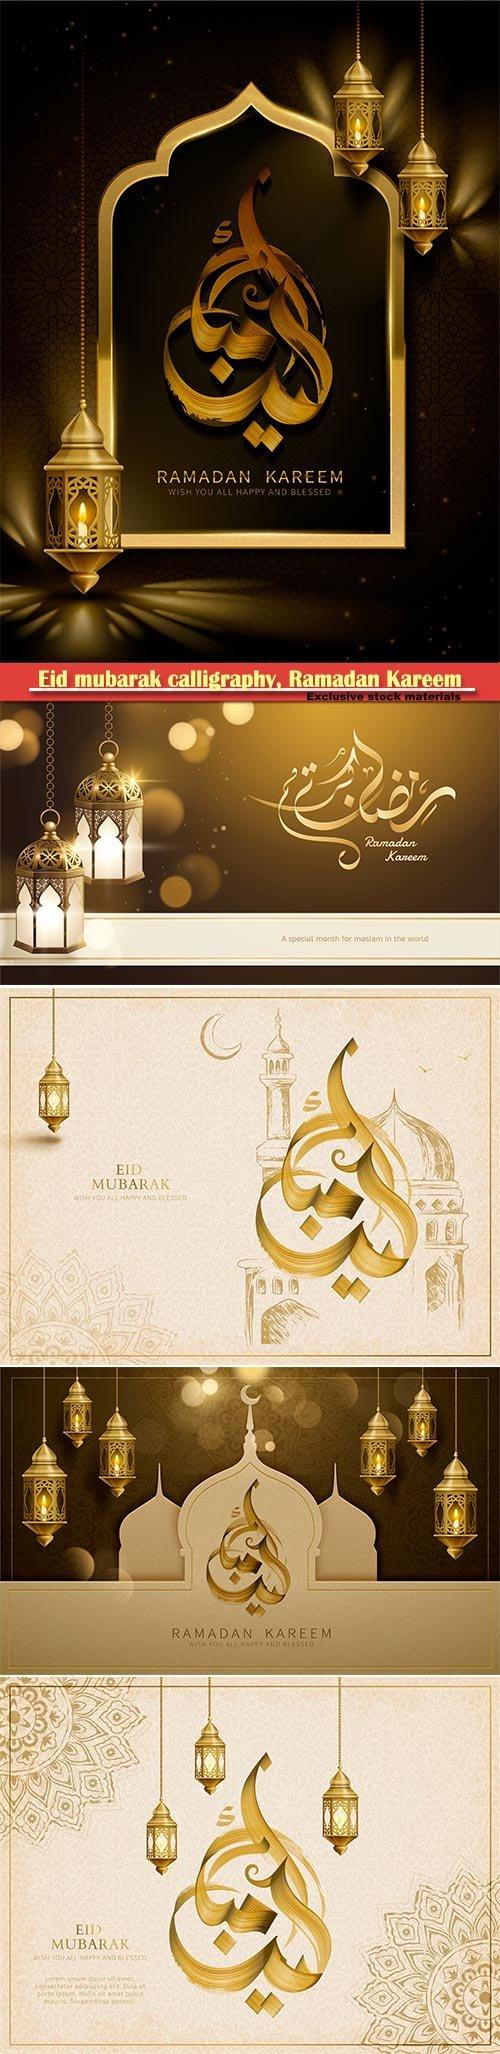 Eid mubarak calligraphy, Ramadan Kareem vector card # 7